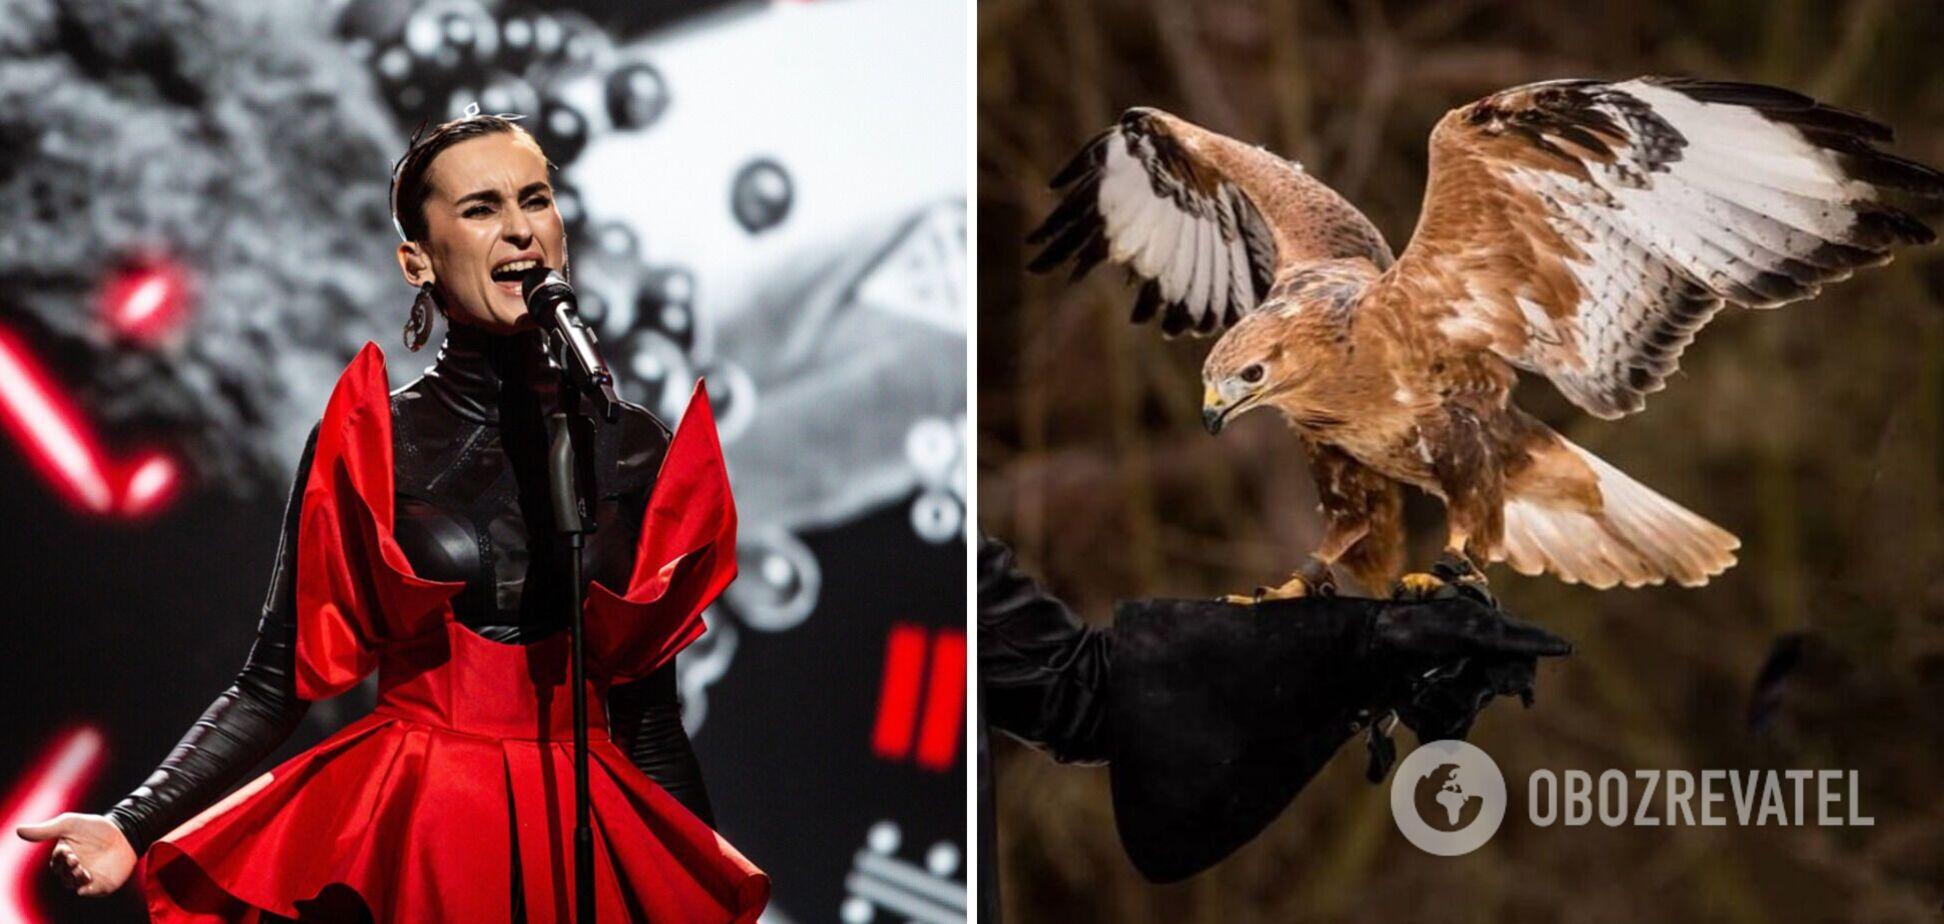 В группе Go_A опровергли эксплуатацию краснокнижной птицы на съемках клипа для 'Евровидения 2021'